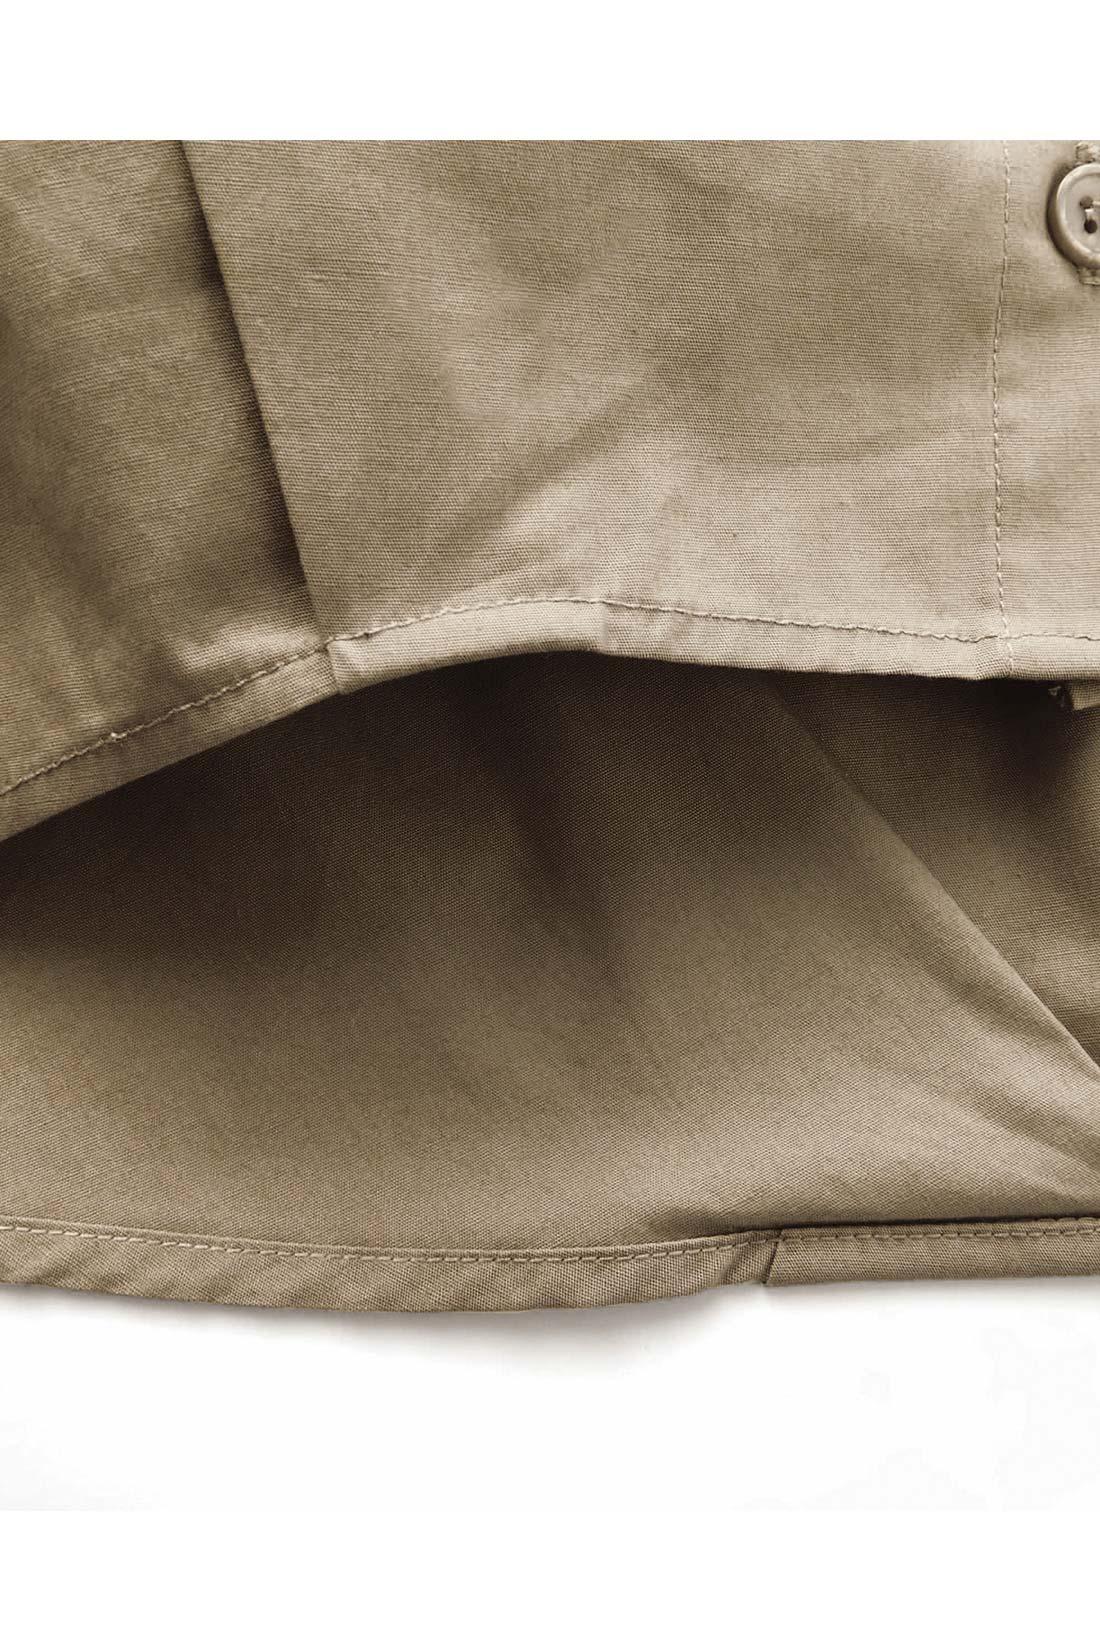 [タックでぷっくり。]前と後ろに入ったタックが立体感を演出します。おしりをカバーしてくれる長め丈もナイス。 ※お届けするカラーとは異なります。